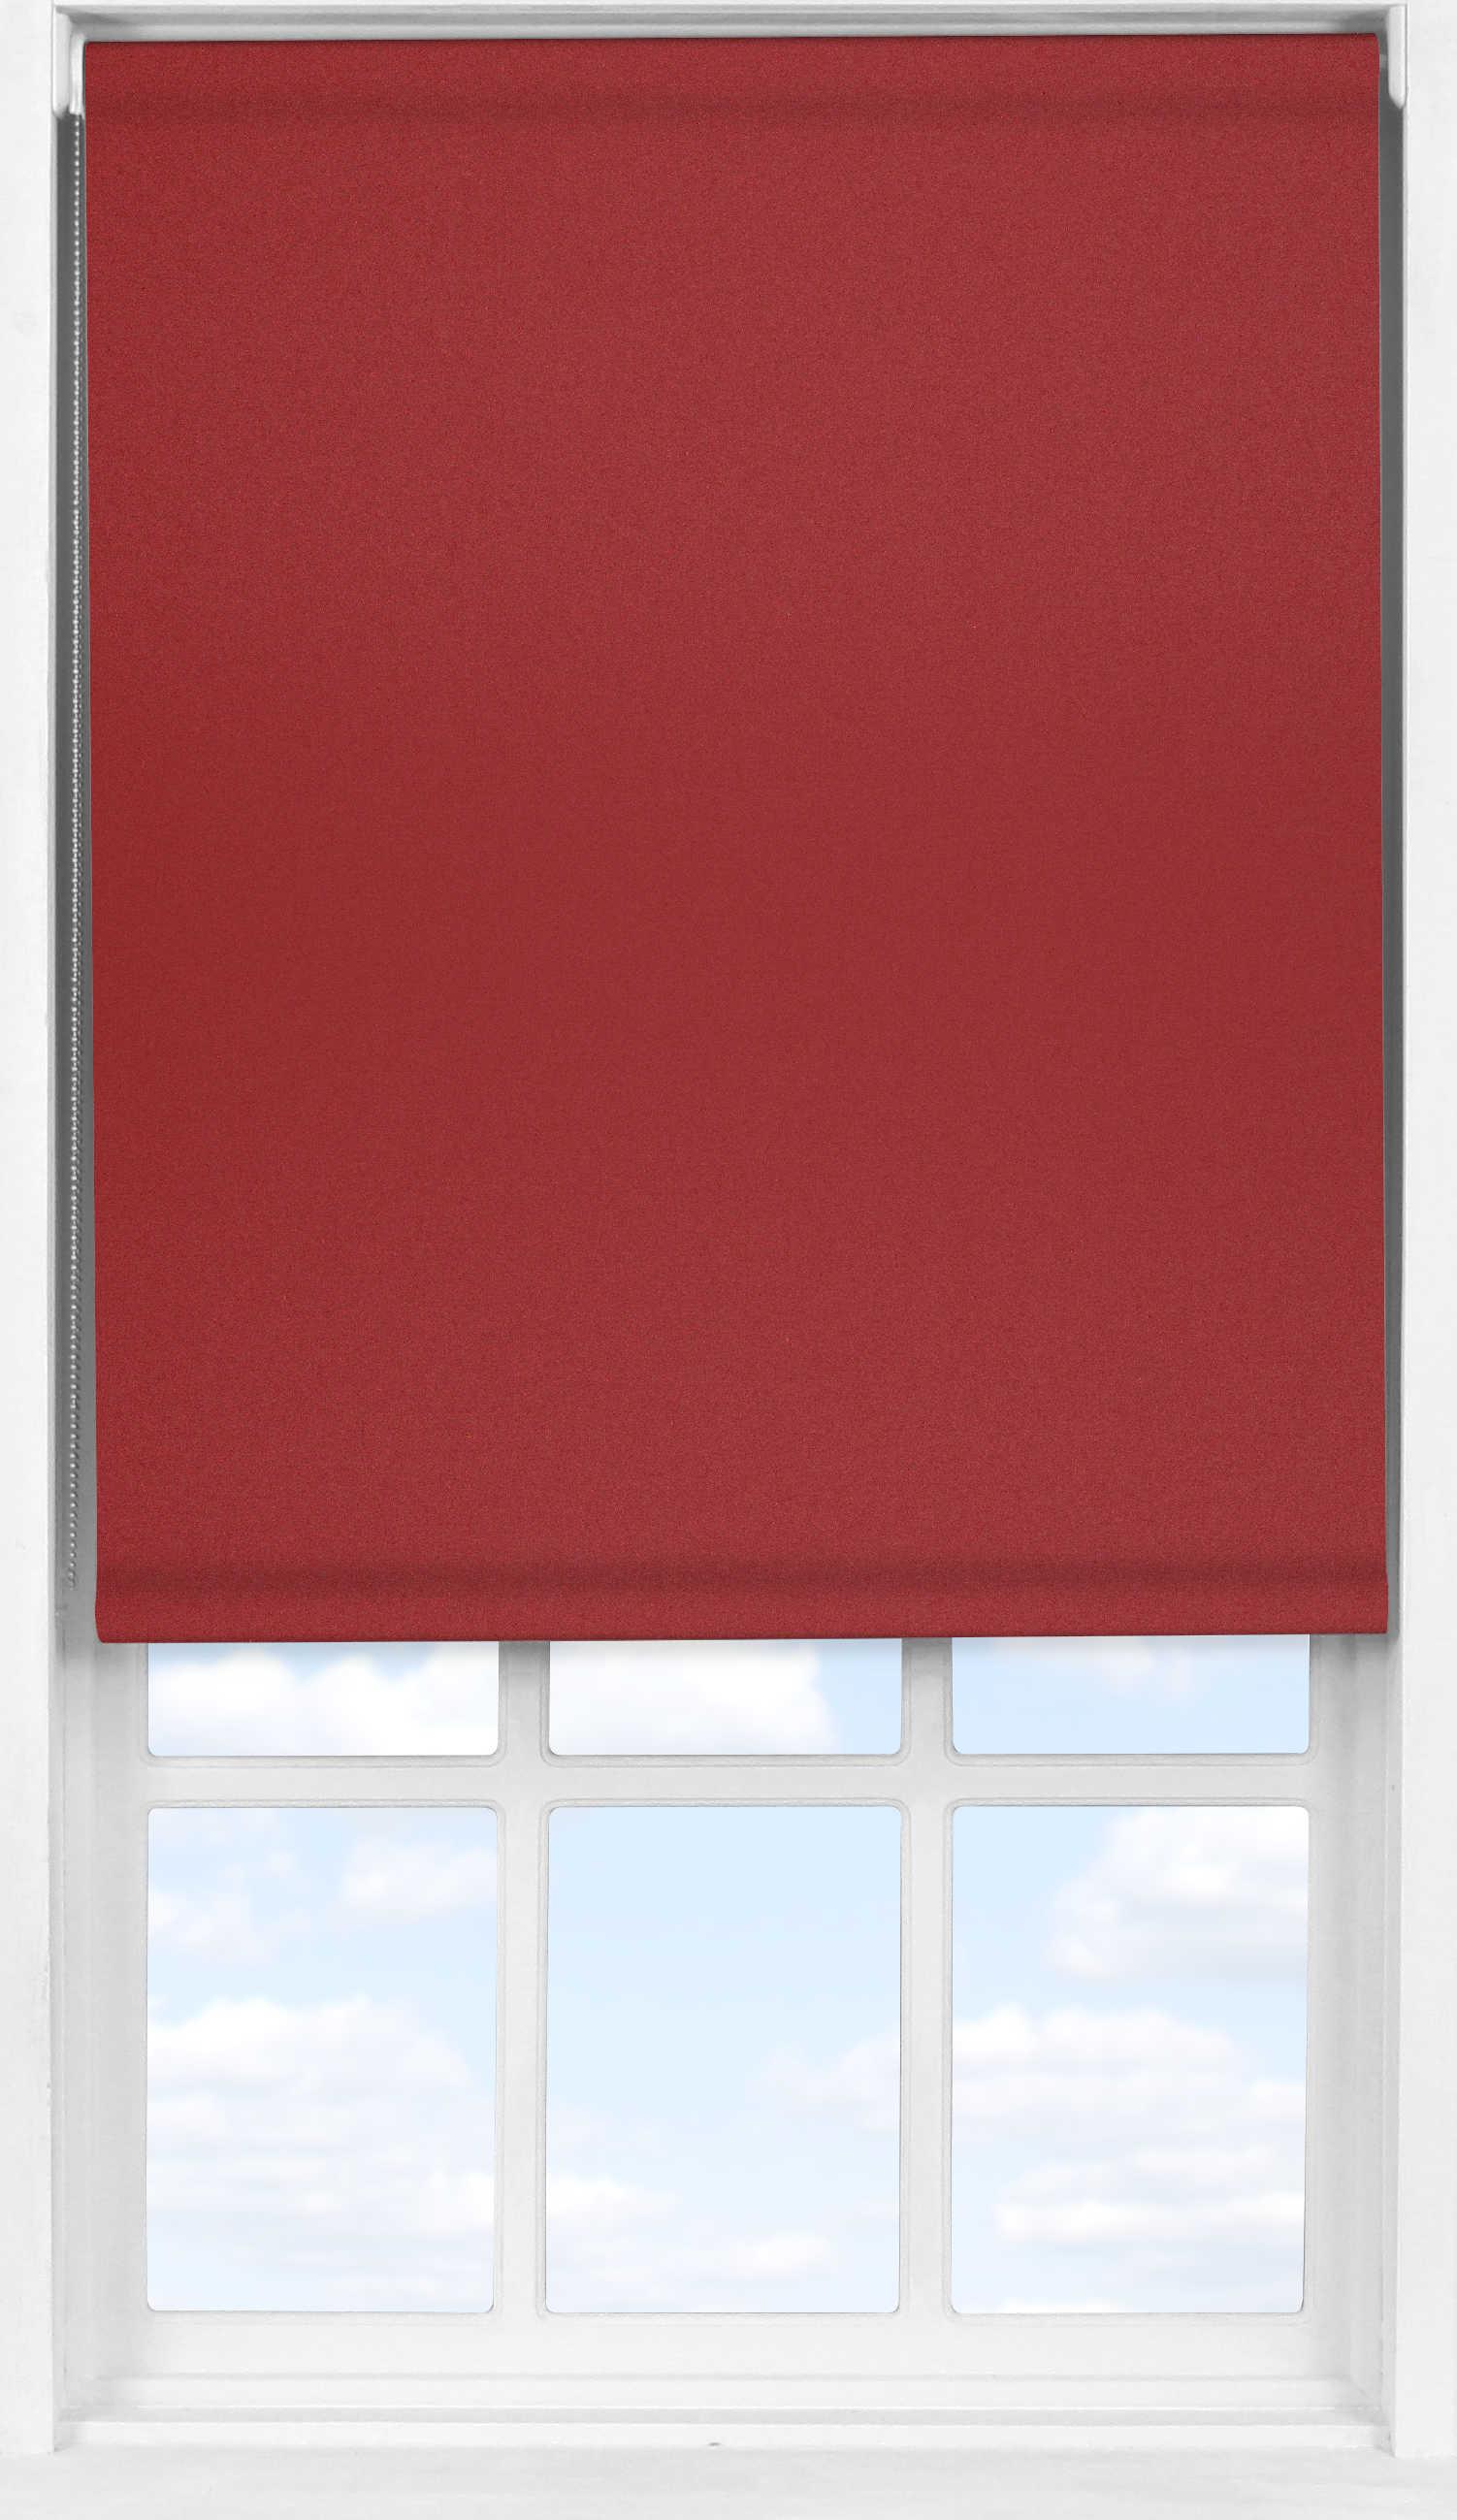 Easifit Roller Blind in Ruby Translucent